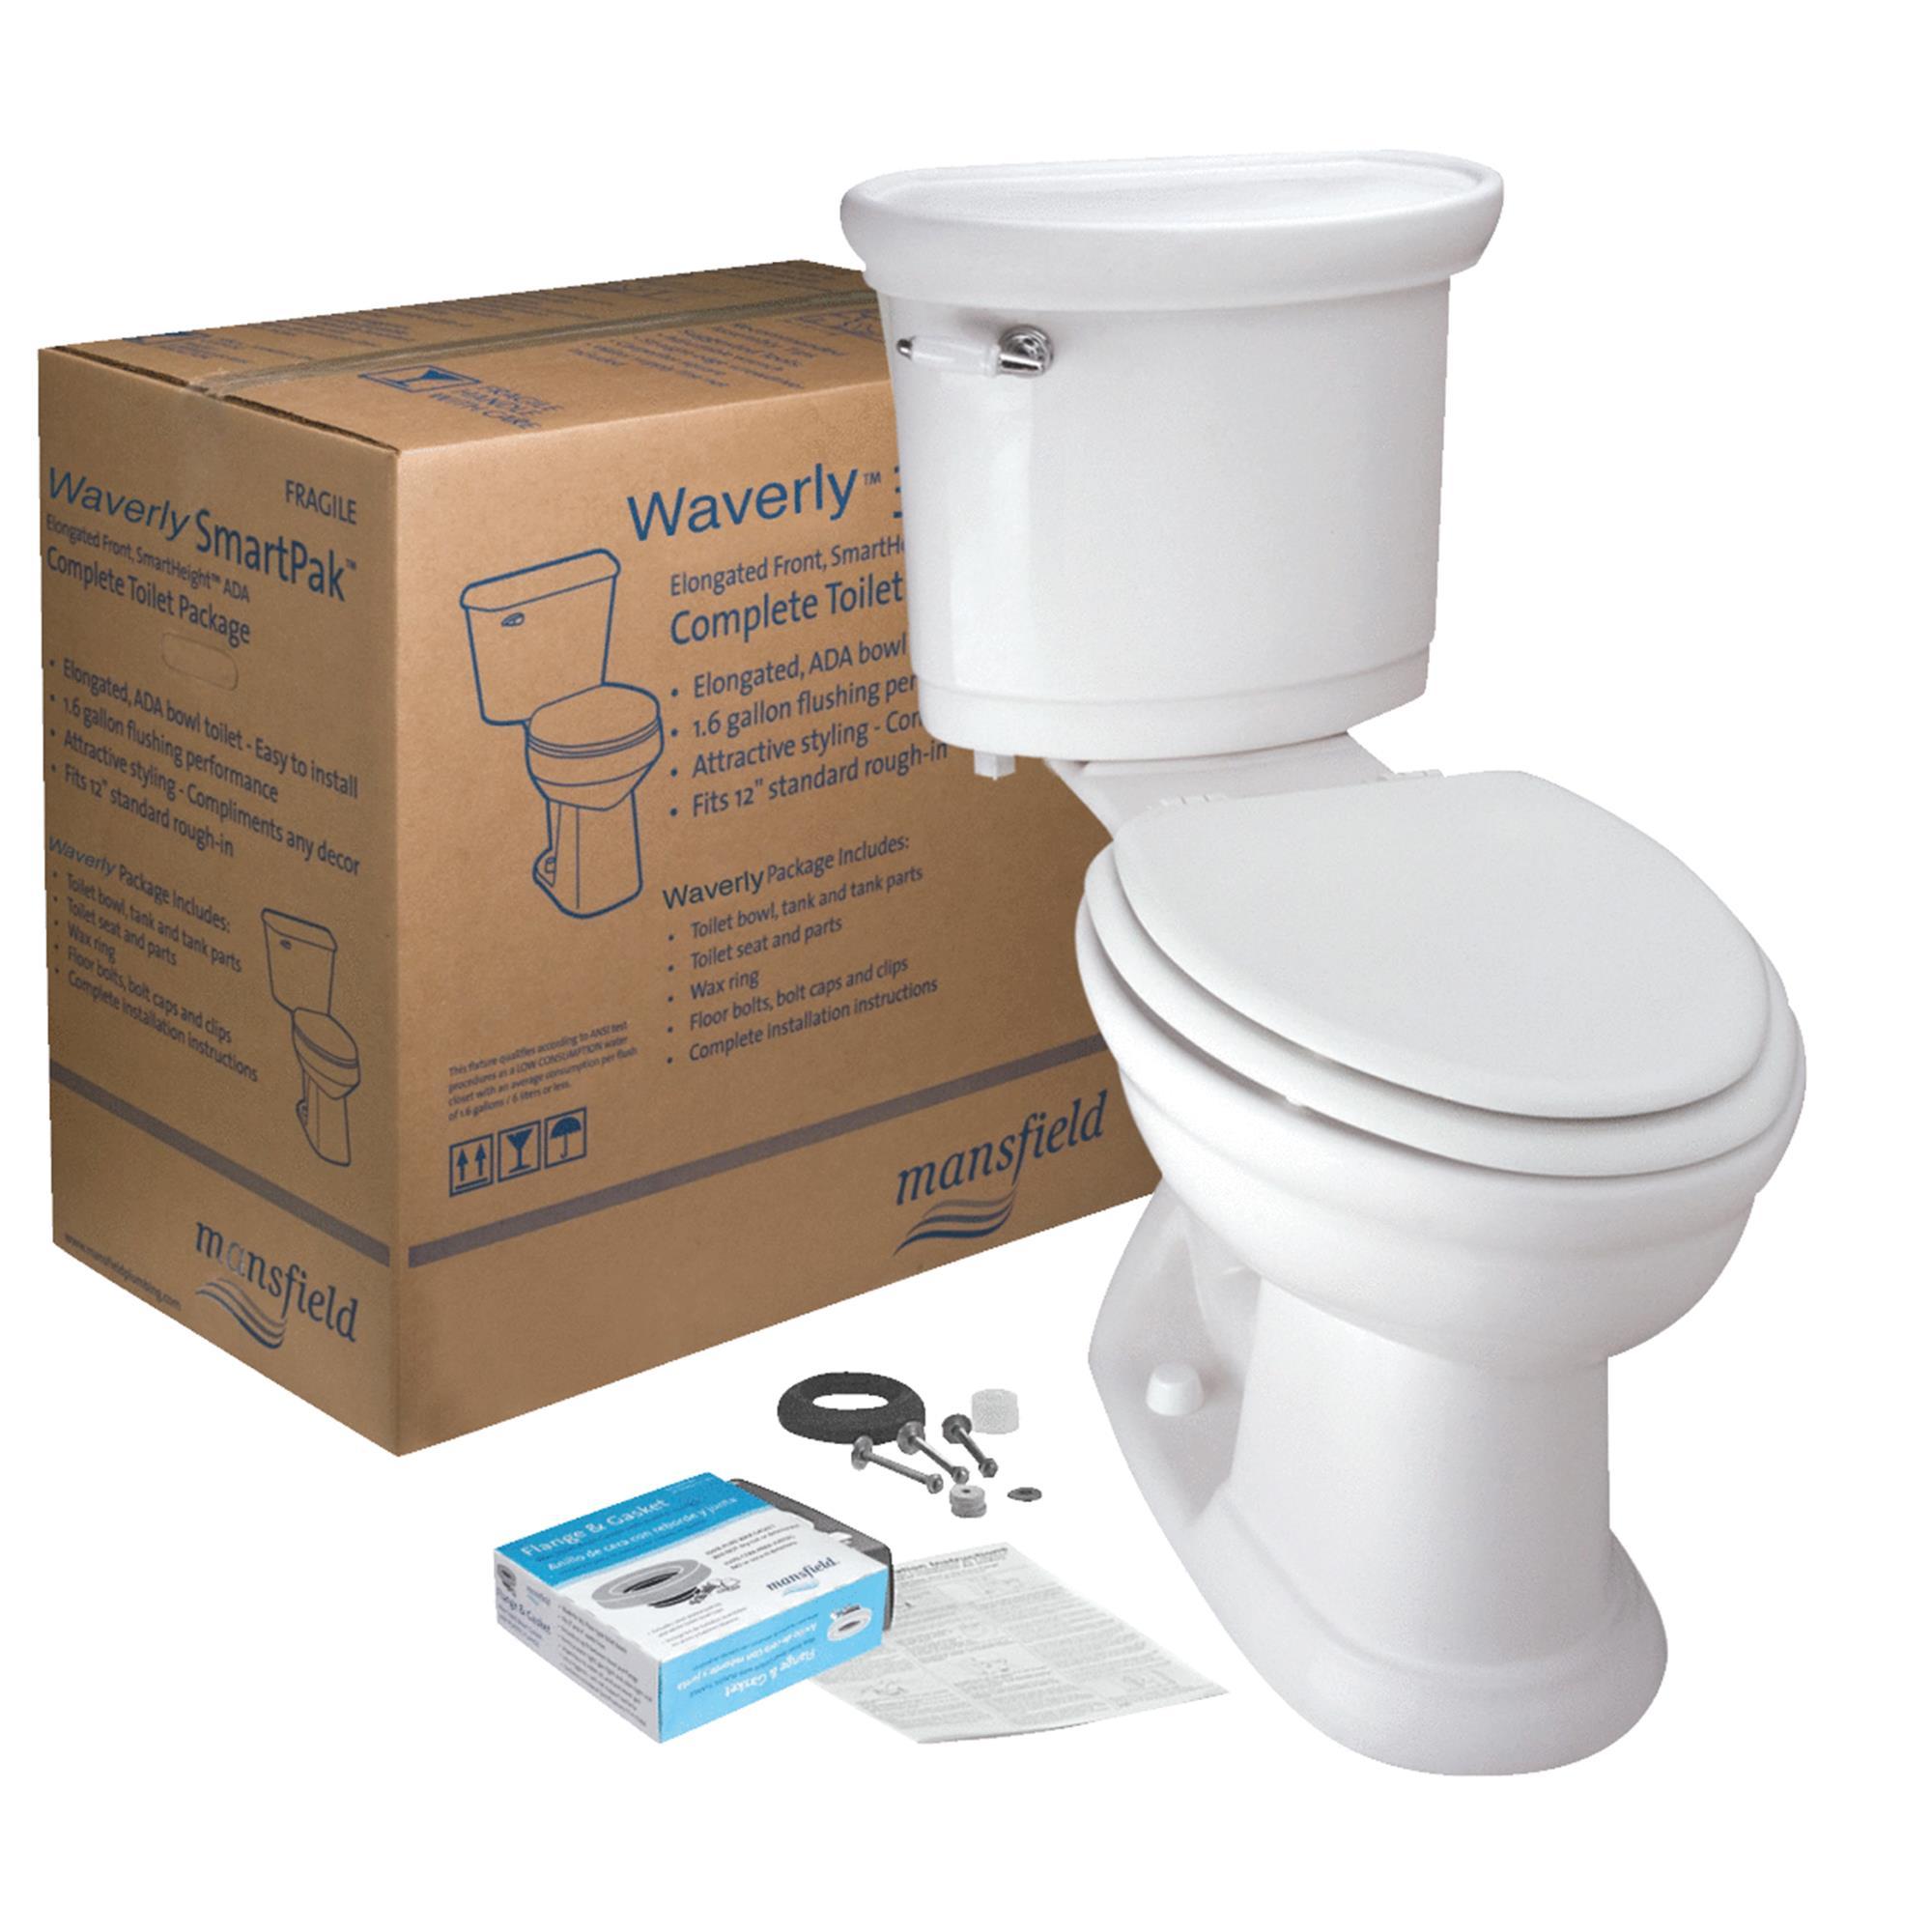 Waverly SmartHeight White ADA Toilet Kit